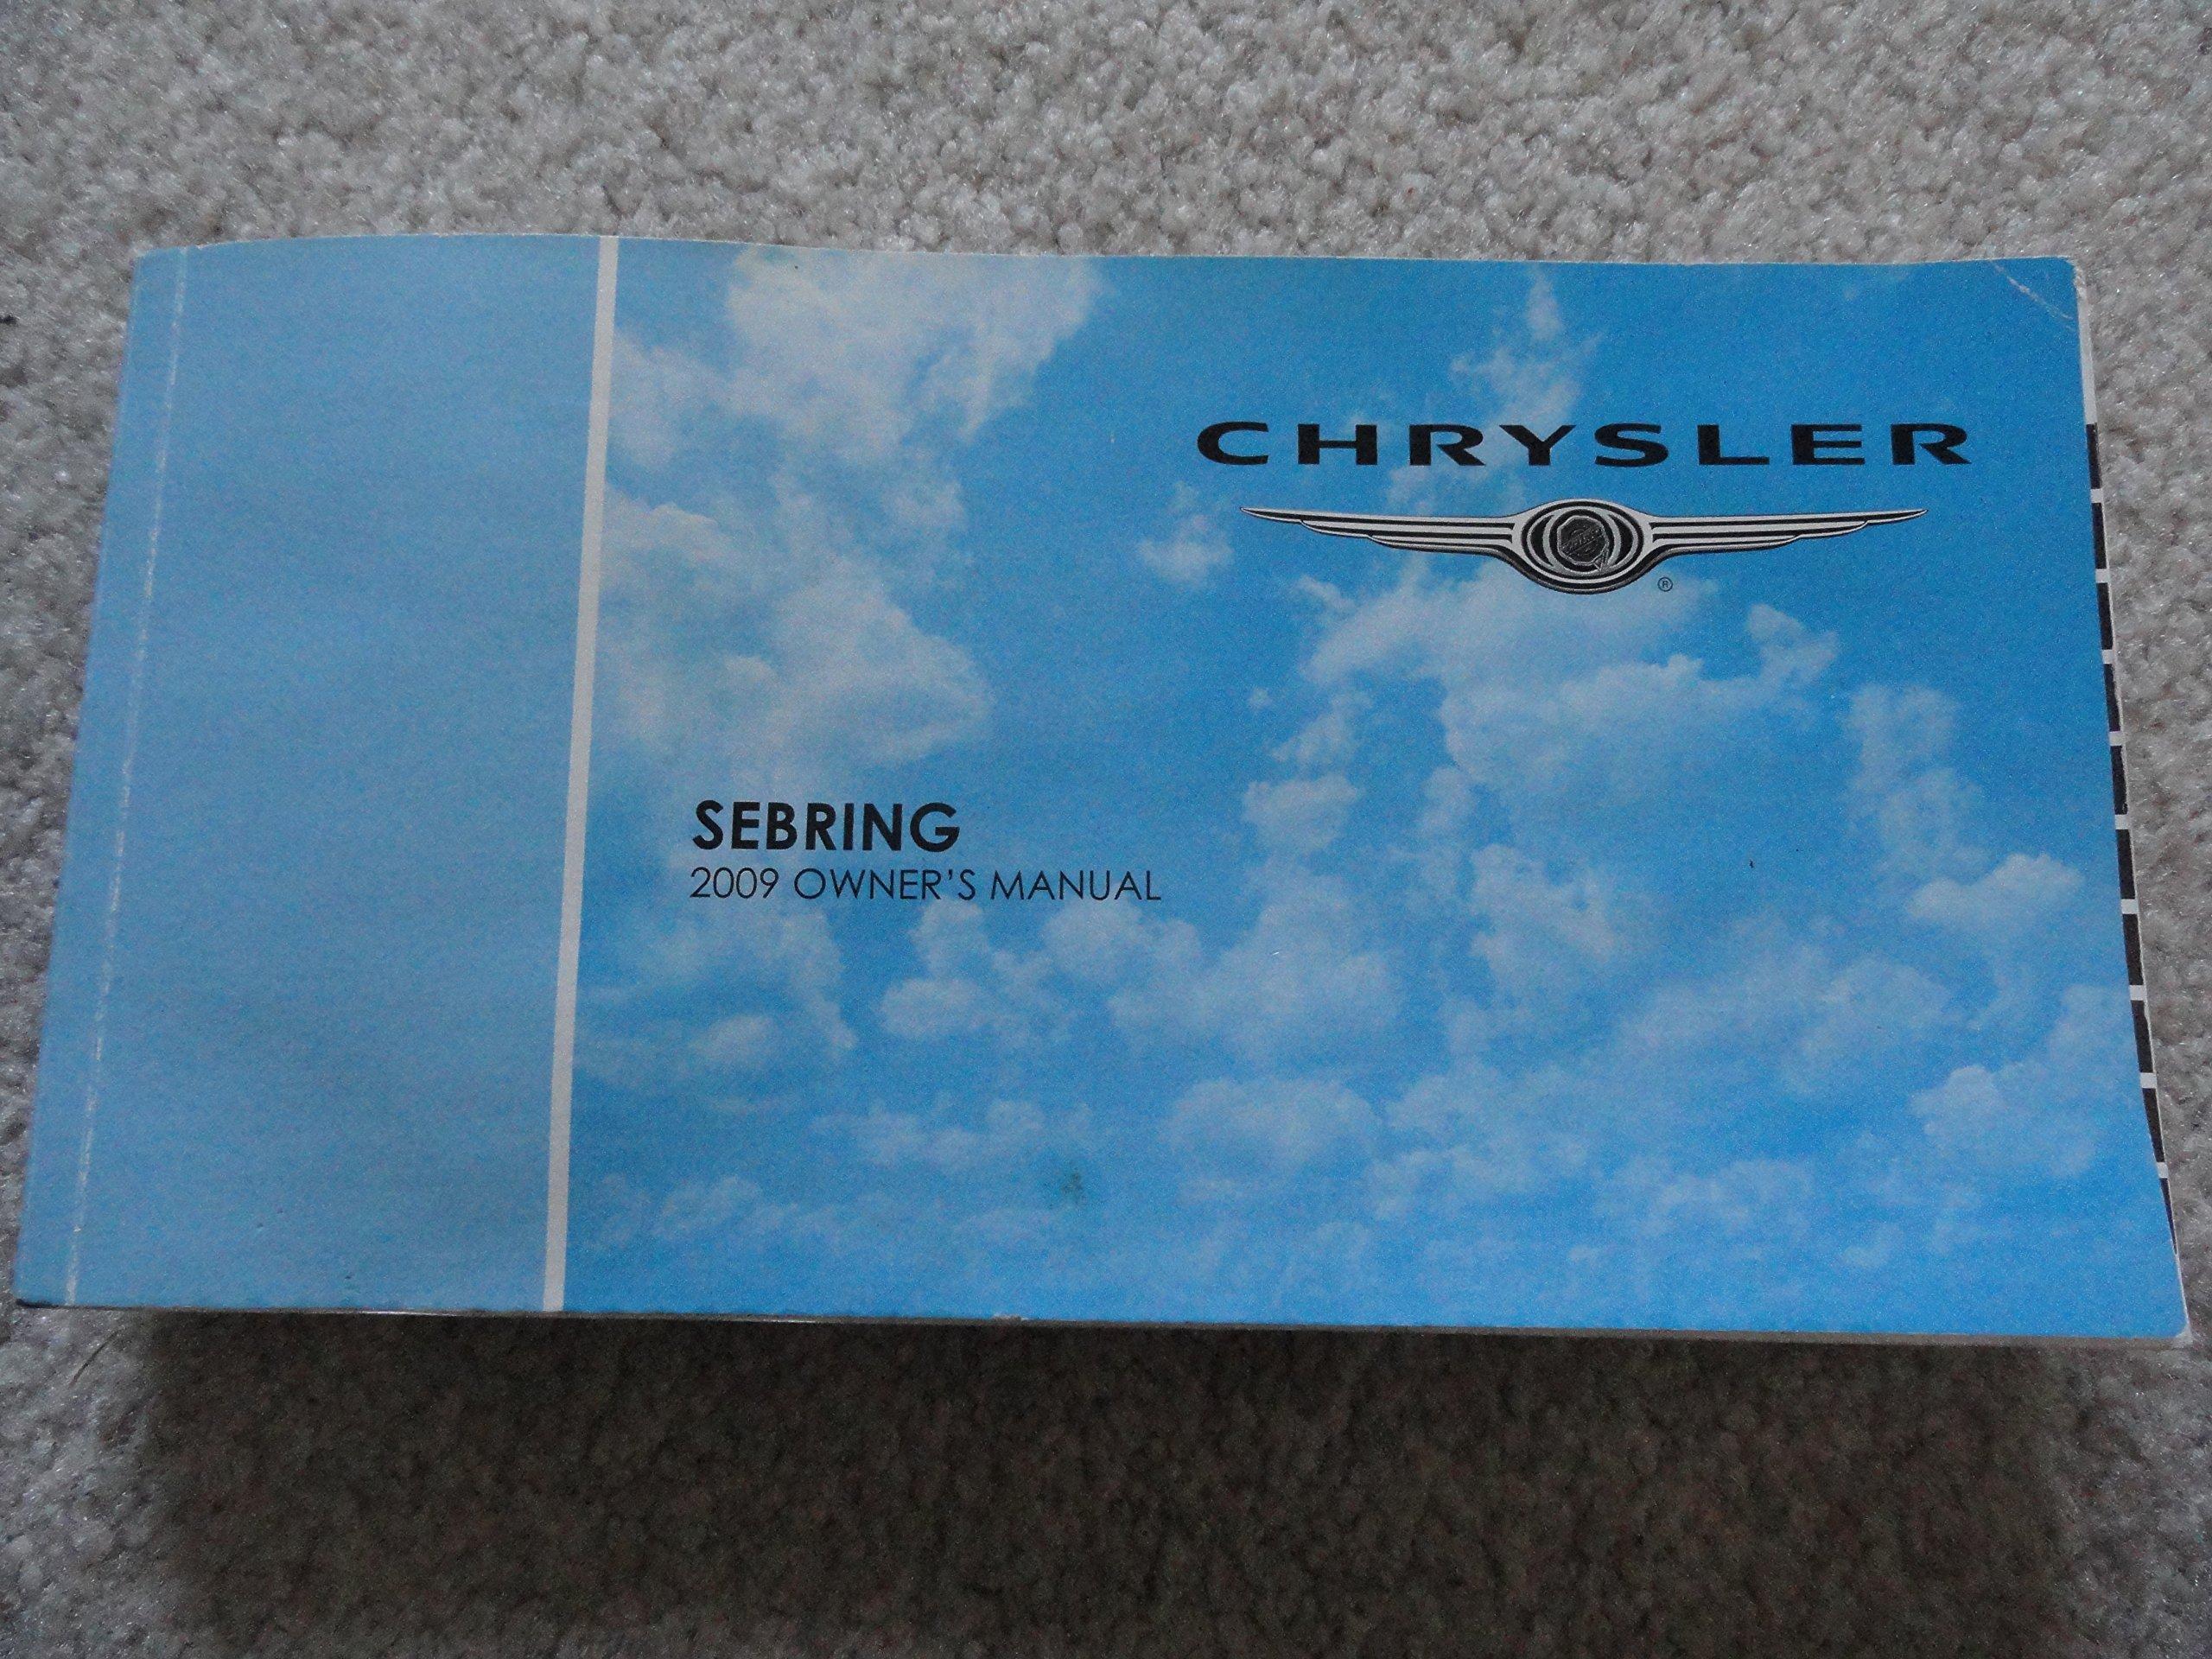 Factory service manual fsm repair manual for chrysler sebring 2007.